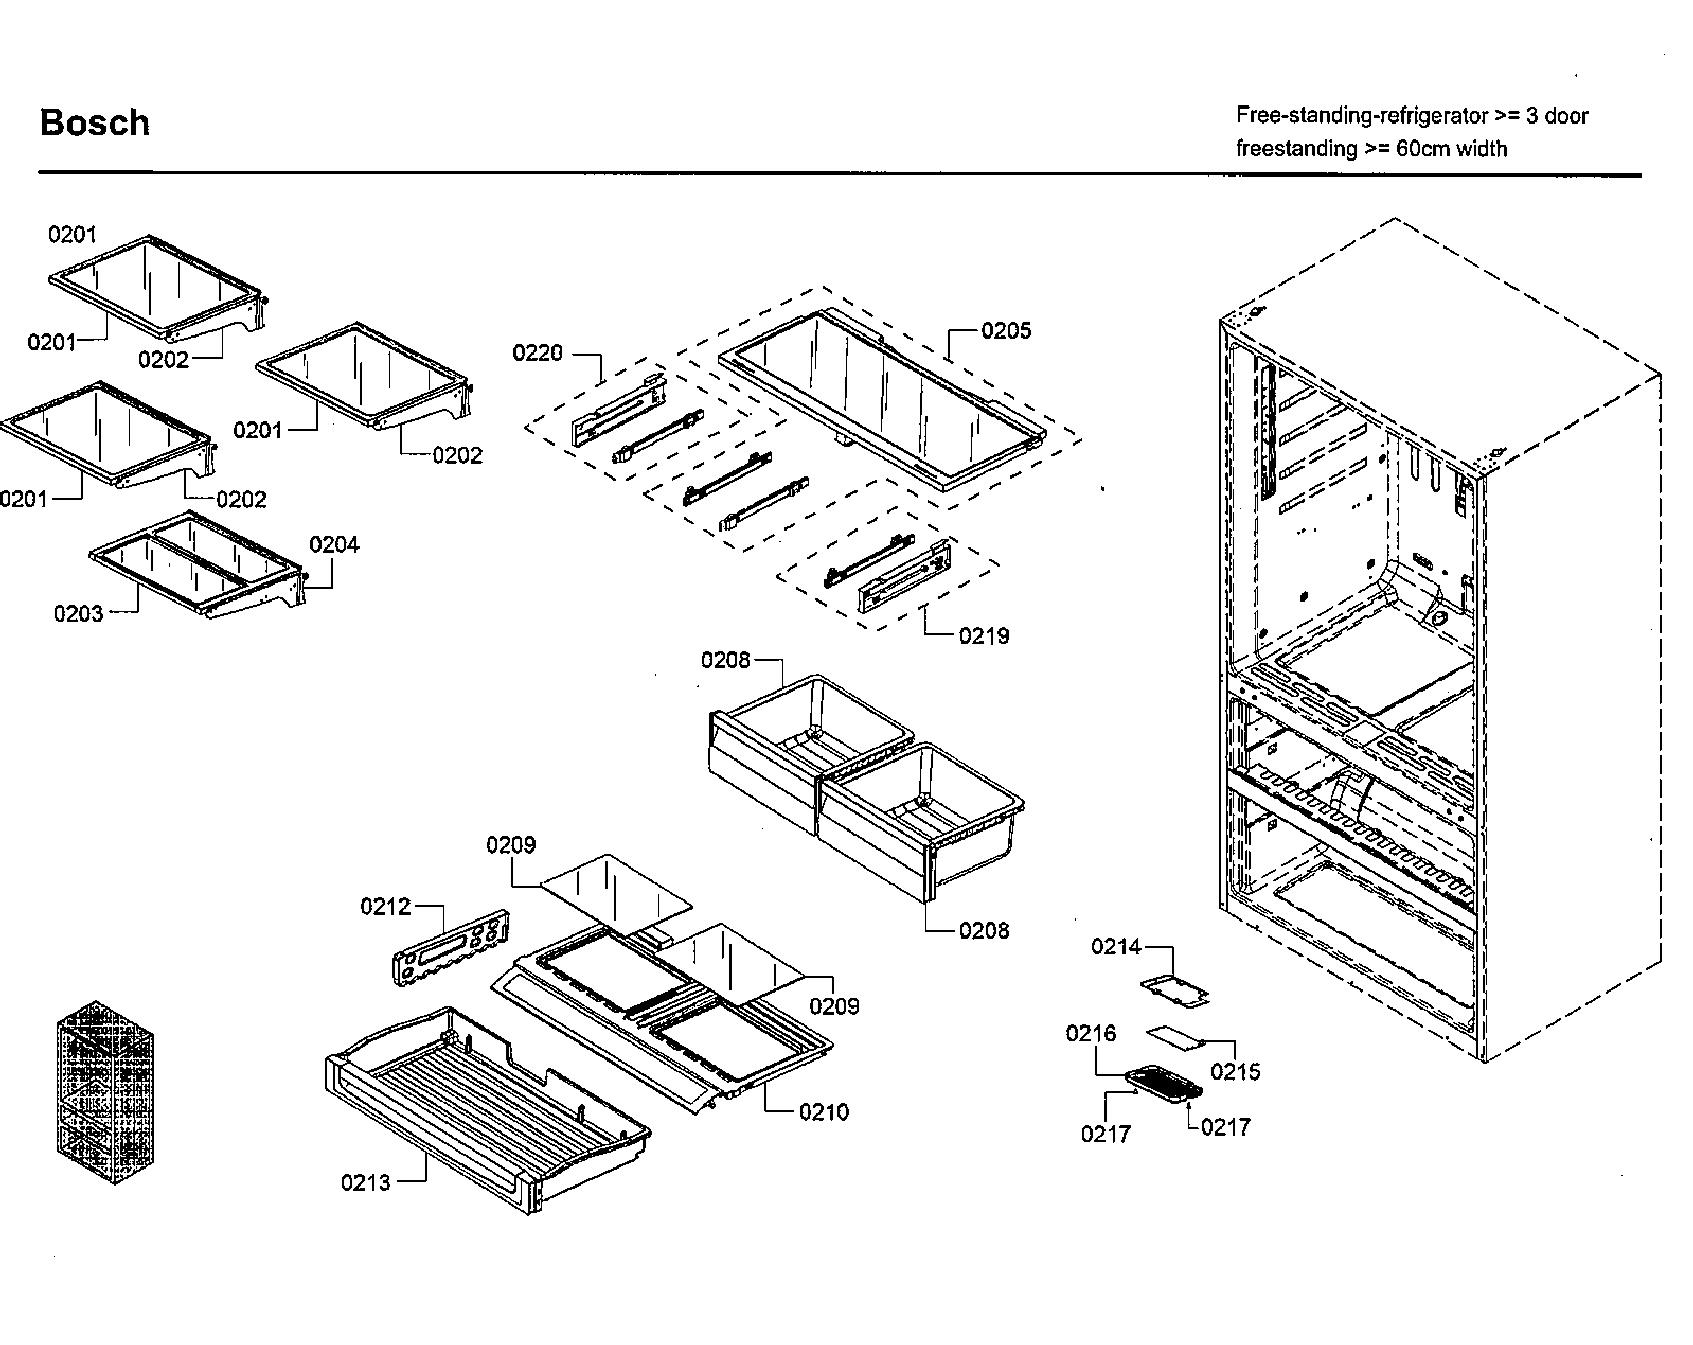 Bosch  Refrigerator  Shelf & drawer asy